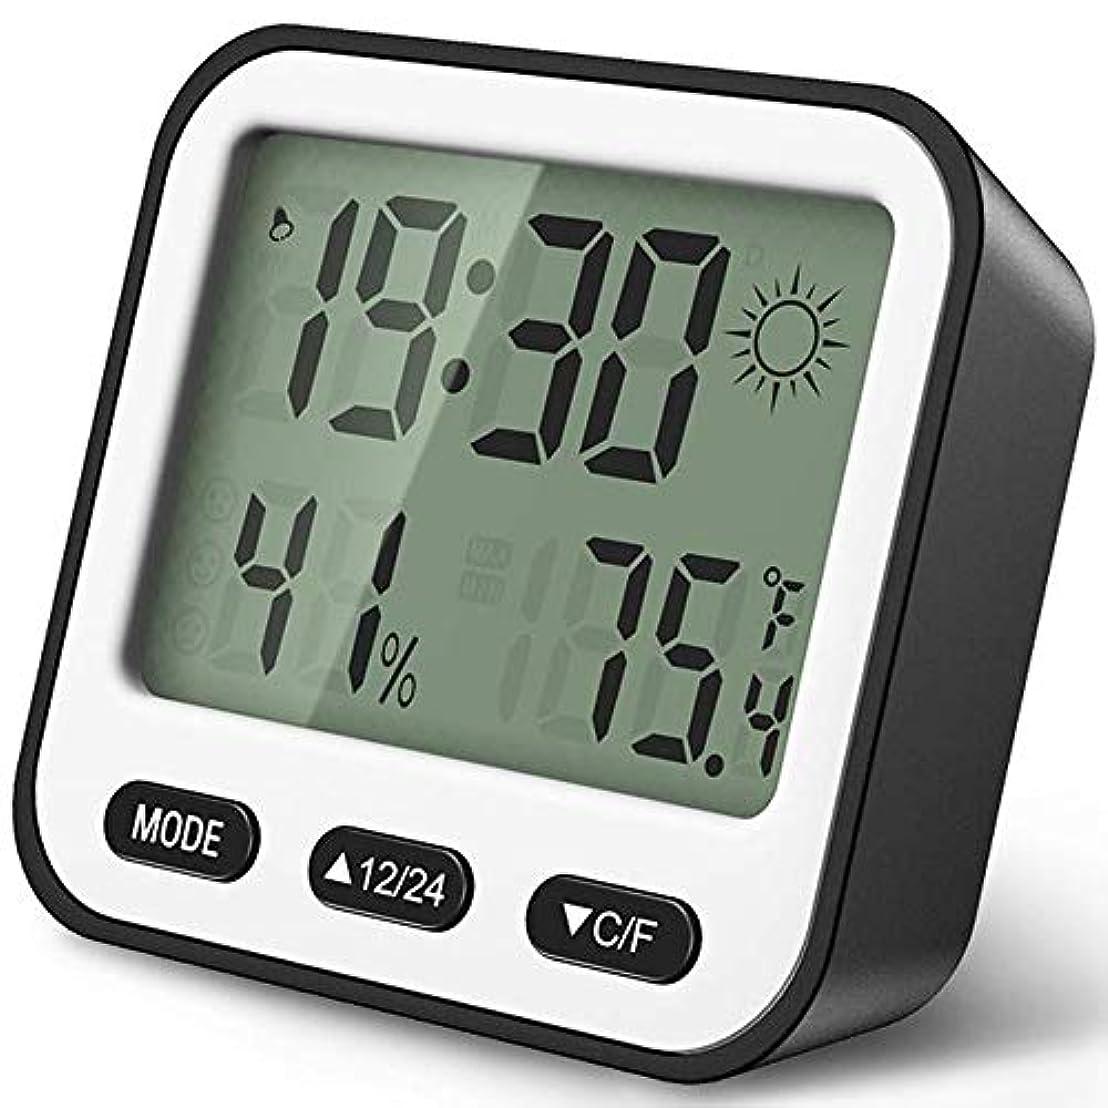 休眠暖炉提案RETYLY 寝室用の小さな目覚まし時計、デジタル時計 液晶デスククロックガールズキッズ目覚まし時計 電池式 天気/温度/湿度ベッド目覚まし時計オフィスのための壁旅行目覚まし時計